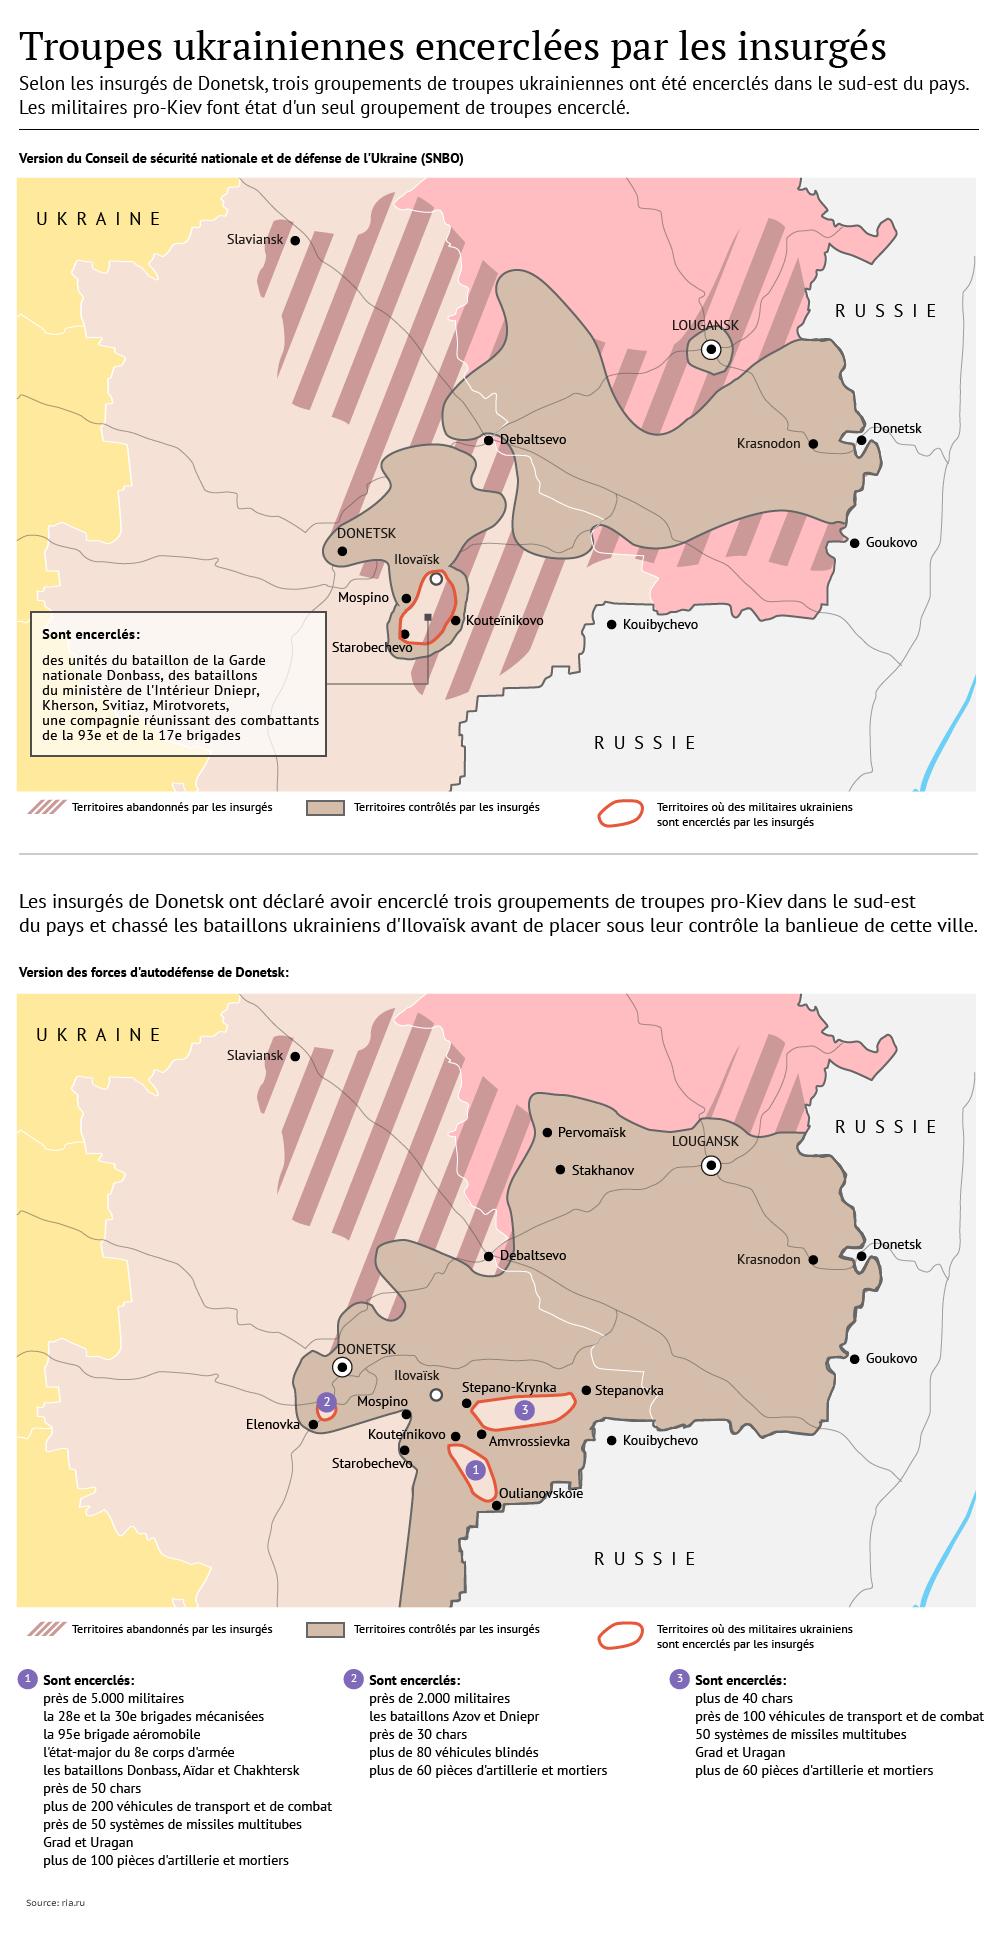 Troupes ukrainiennes encerclées par les insurgés